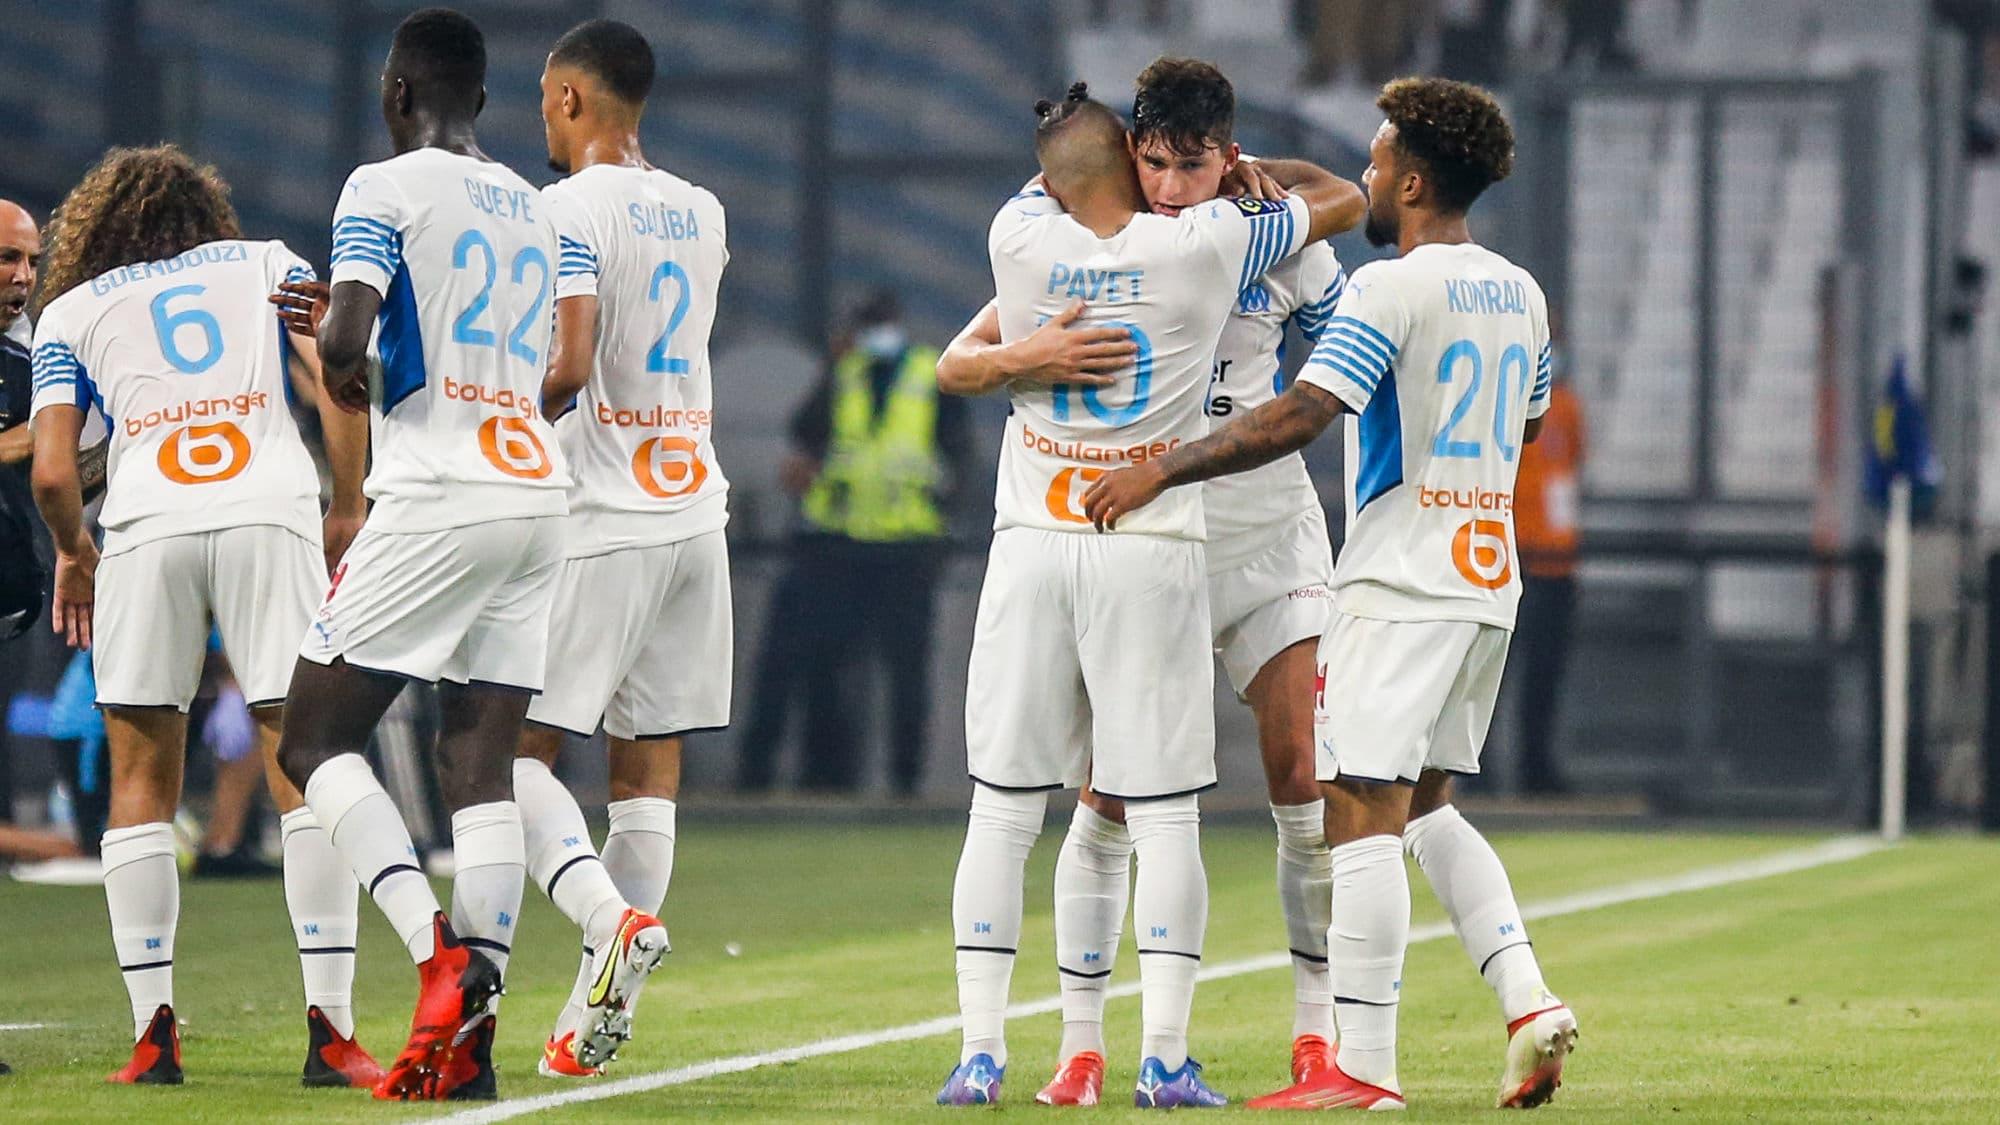 PRONOS PARIS RMC Le pari football de Rolland Courbis du 19 septembre Ligue 1